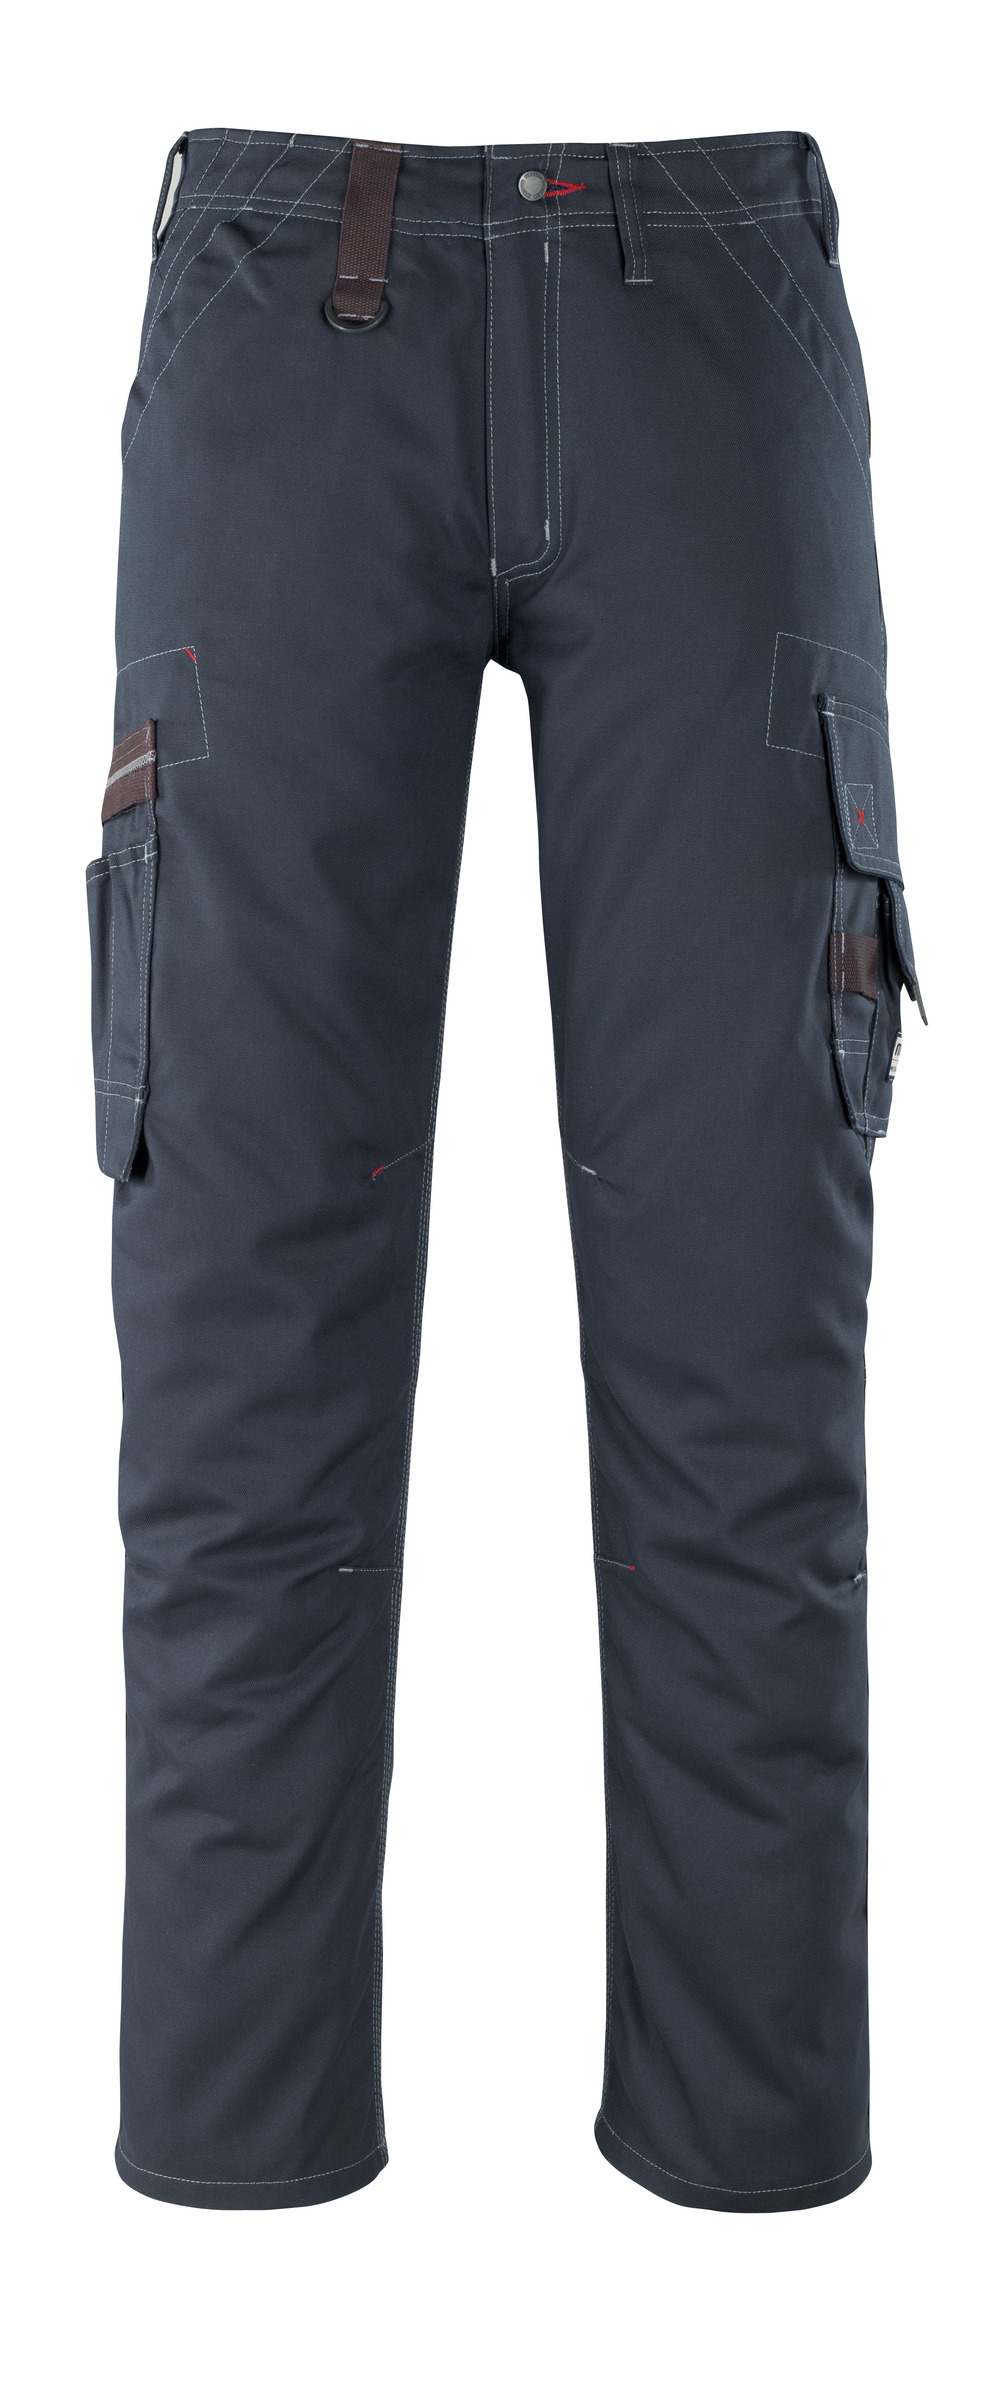 07279-154-010 Pantalones con bolsillos de muslo - azul marino oscuro